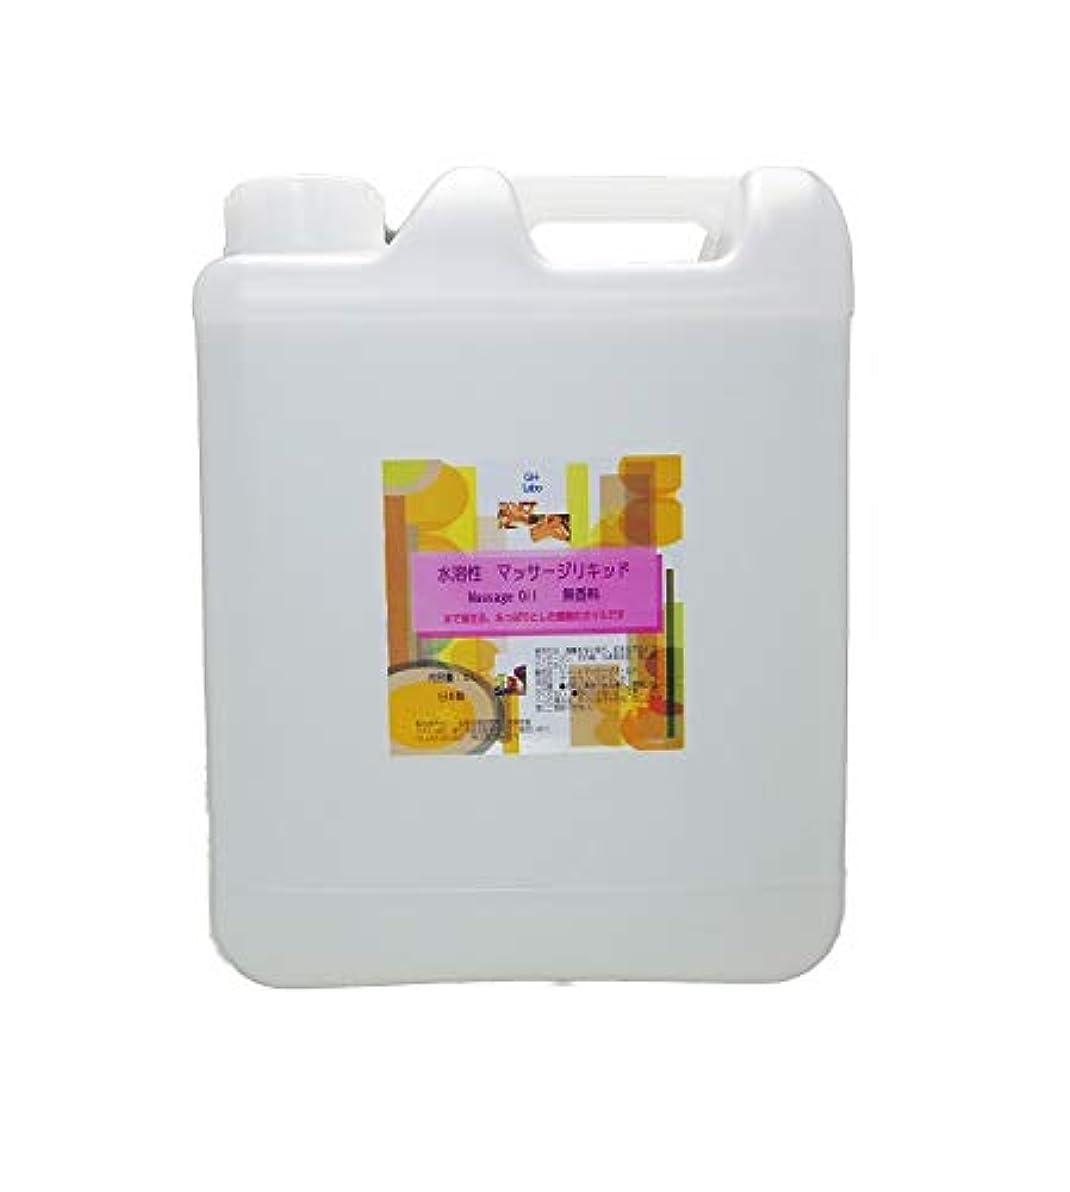 バース草漂流GH-Labo 水溶性マッサージリキッド(マッサージオイル) 5L